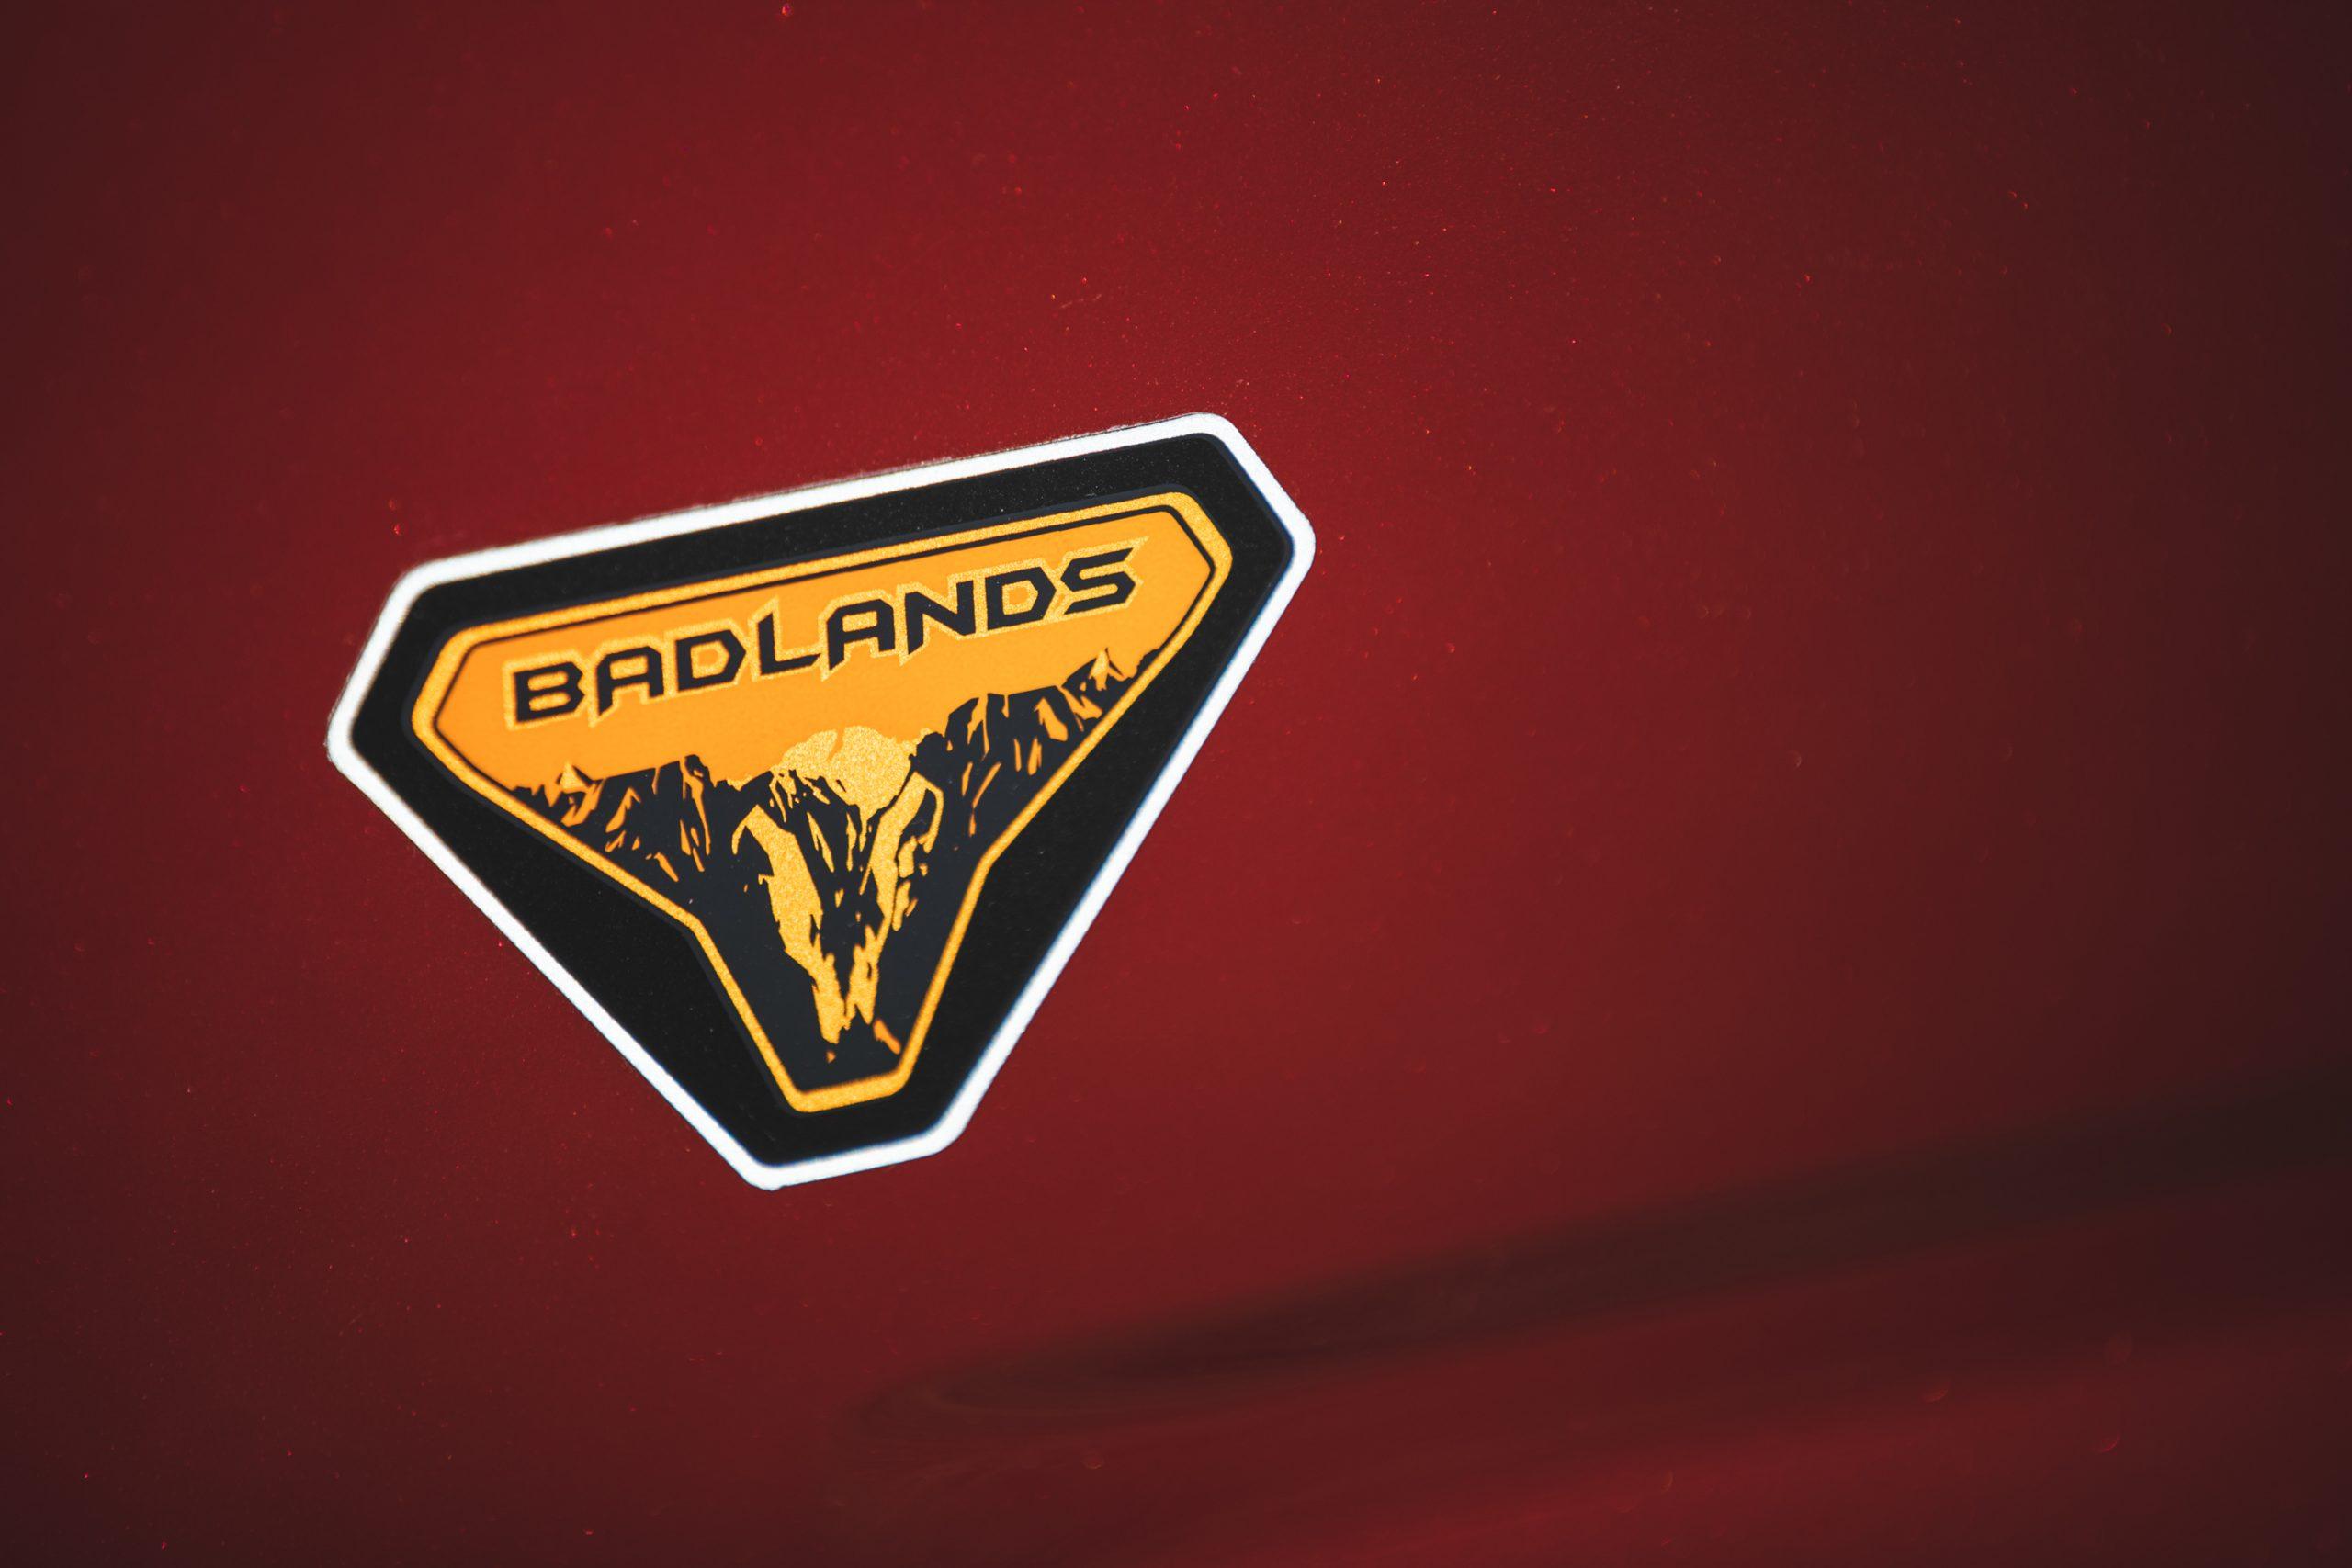 2021 Ford Bronco Badlands Badge